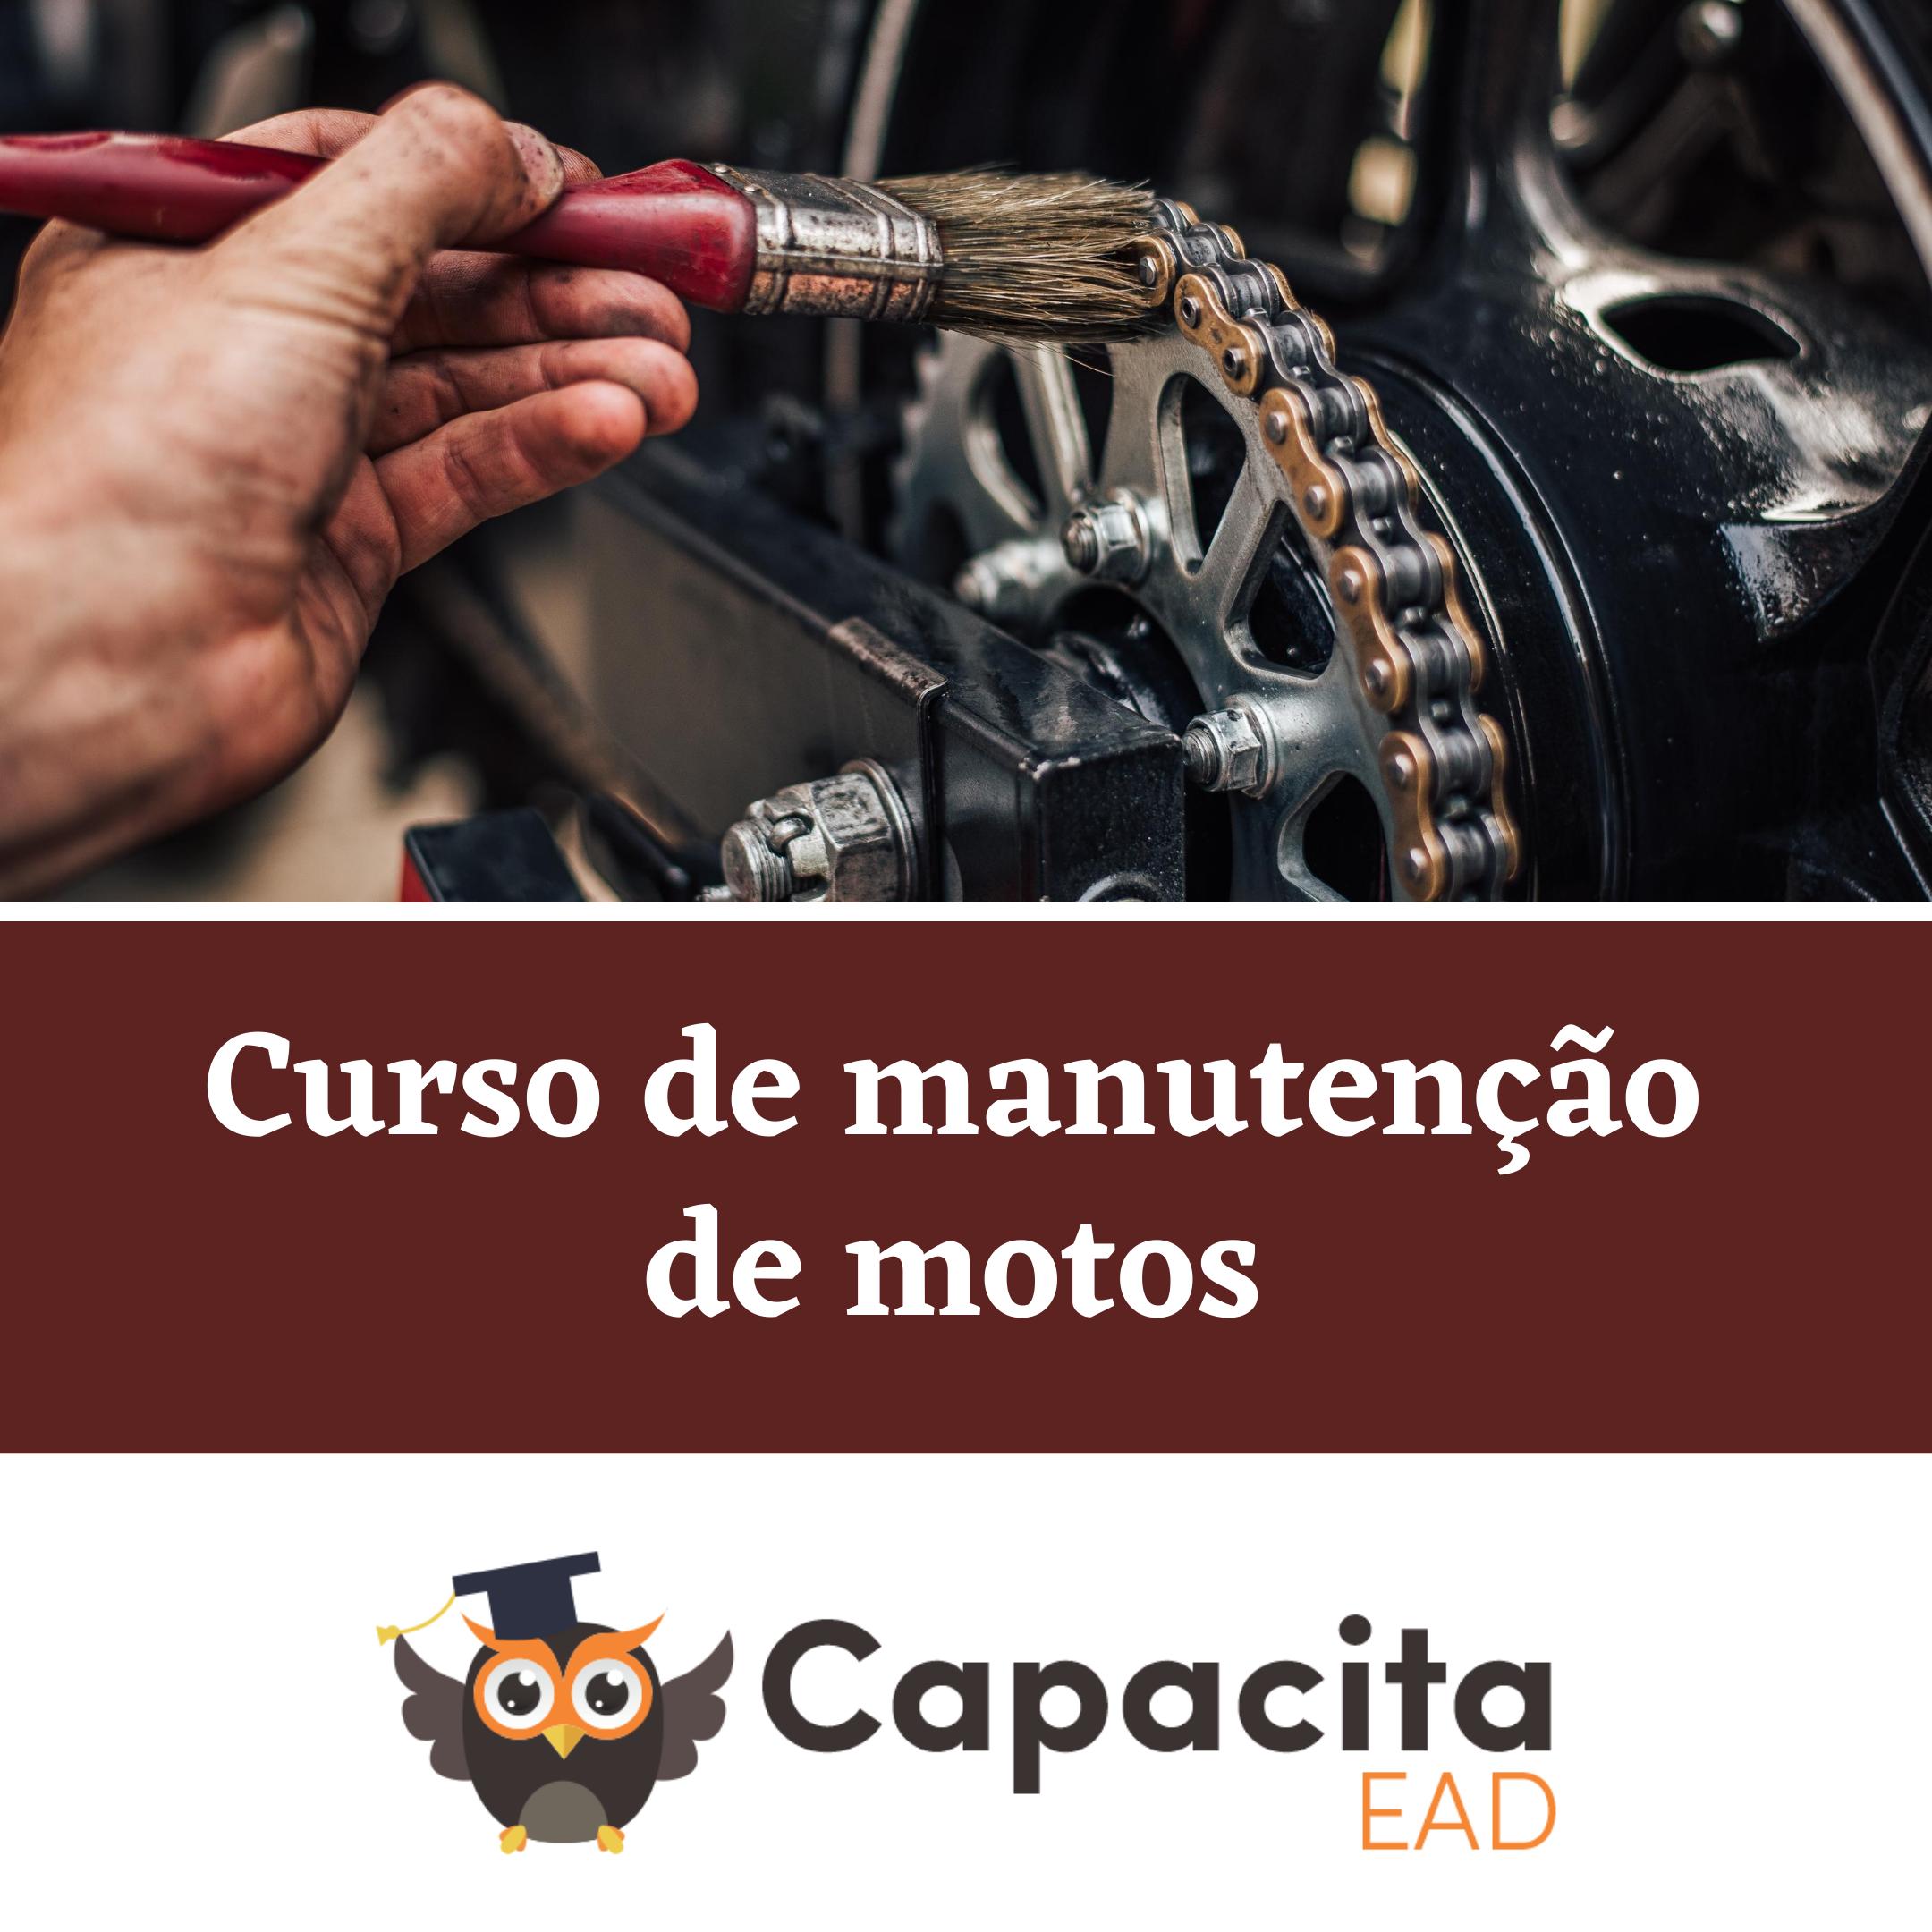 Curso de manutenção de motos